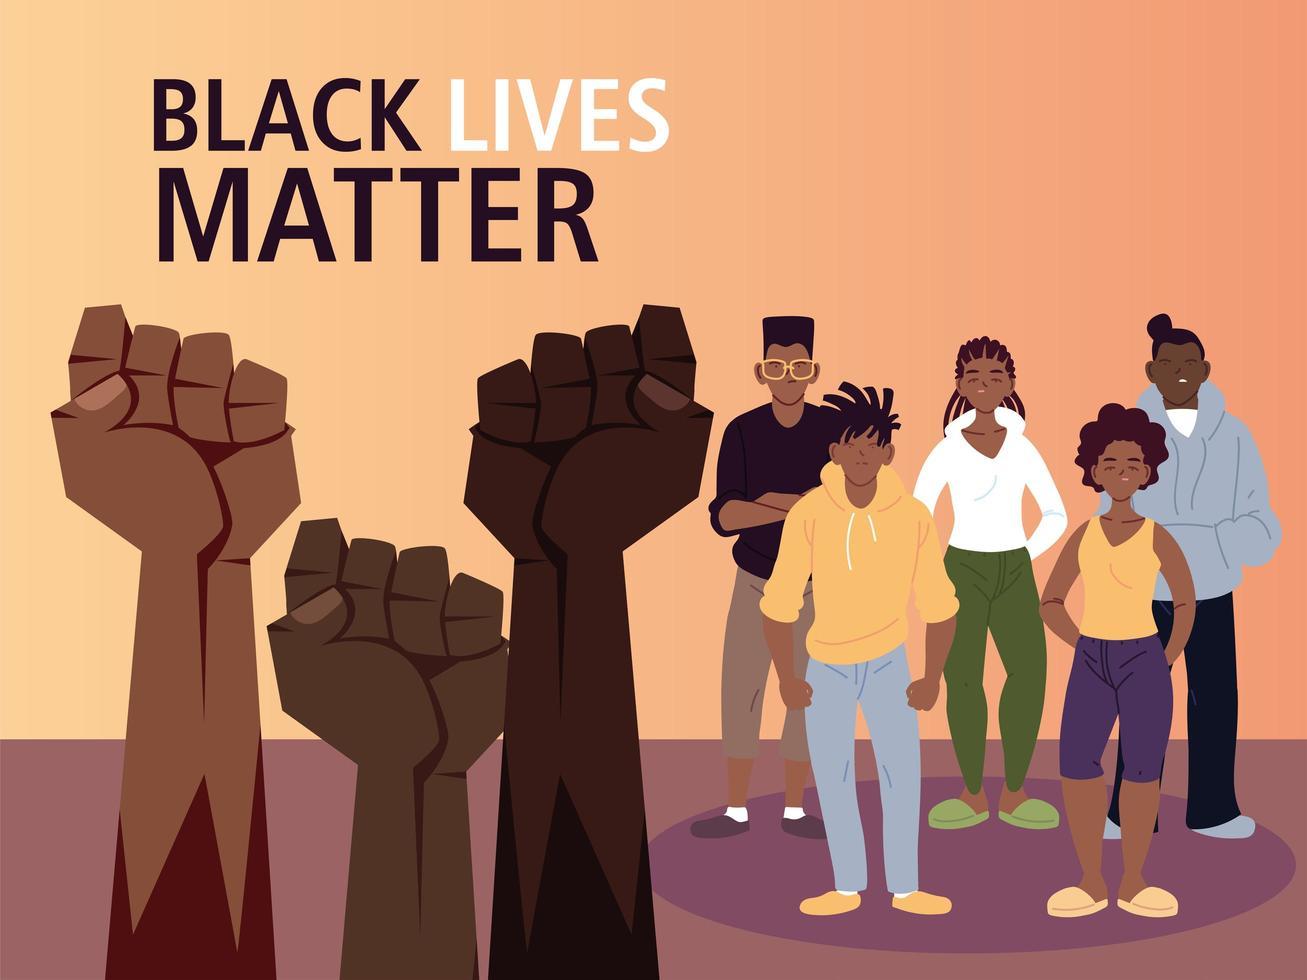 vidas negras importam com punhos vetor